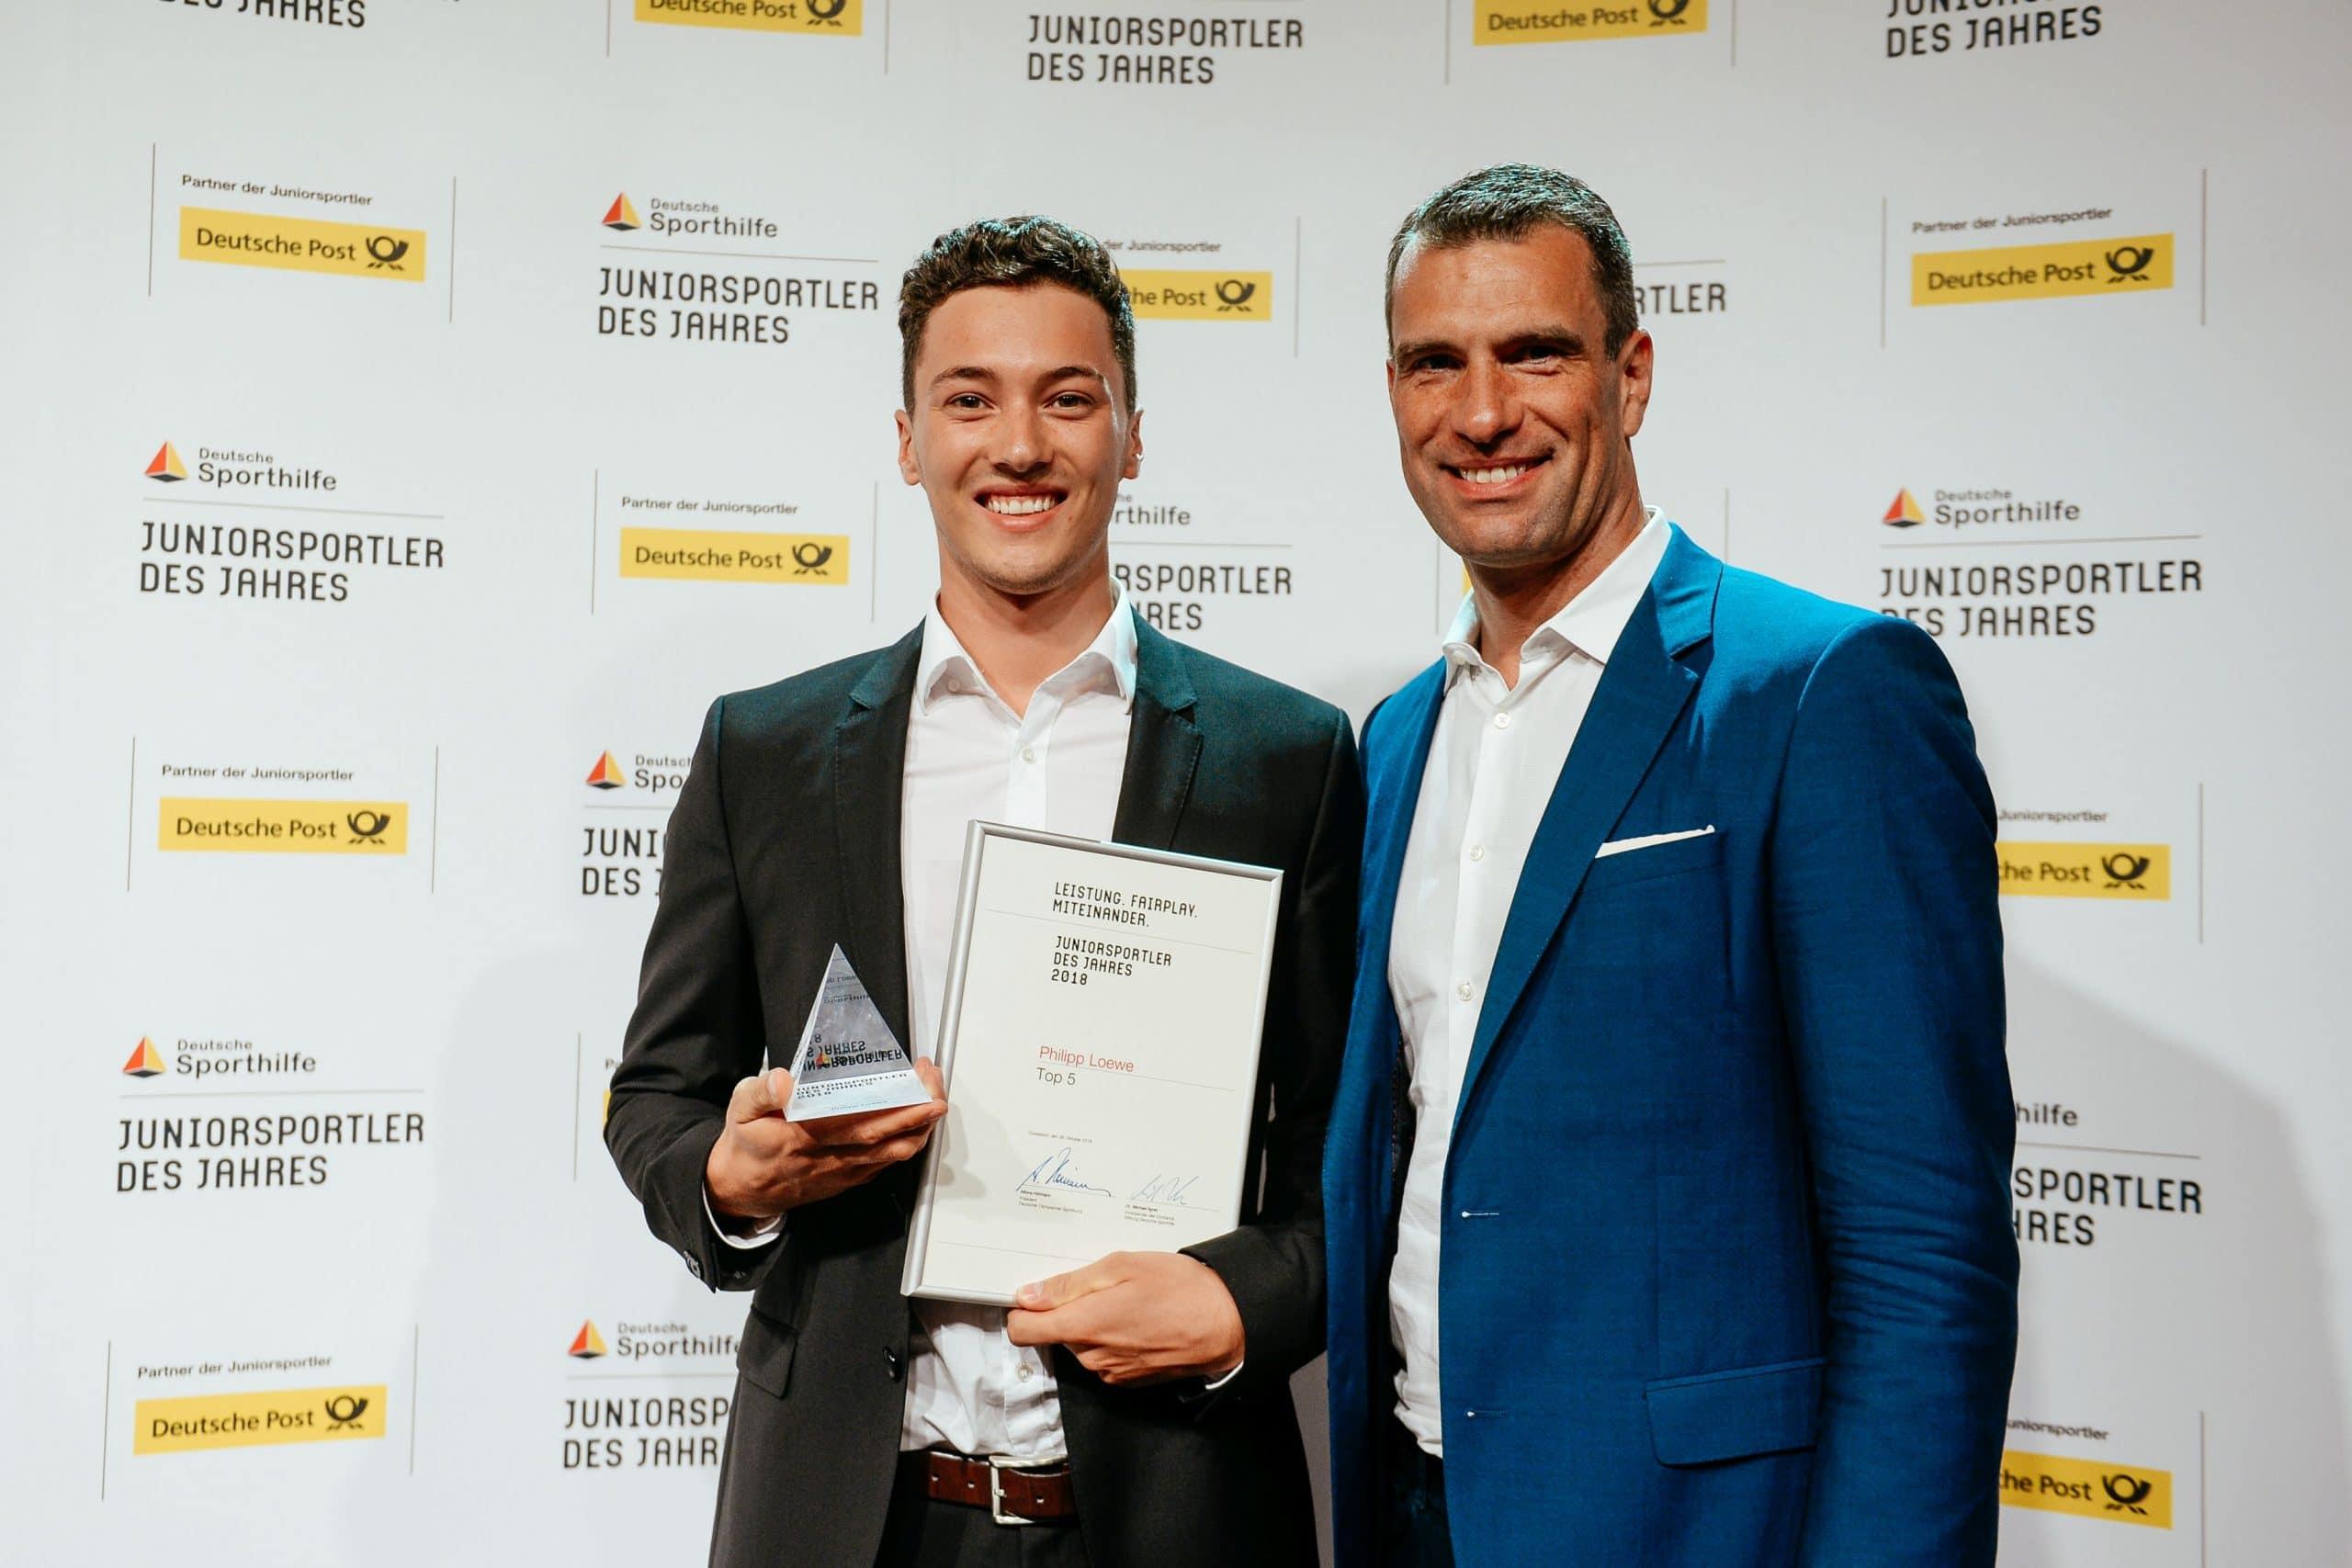 Für seinen Sieg bei der U21-WM war Philipp Loewe als Juniorsportler des Jahres nominiert. Foto: Sporthilfe